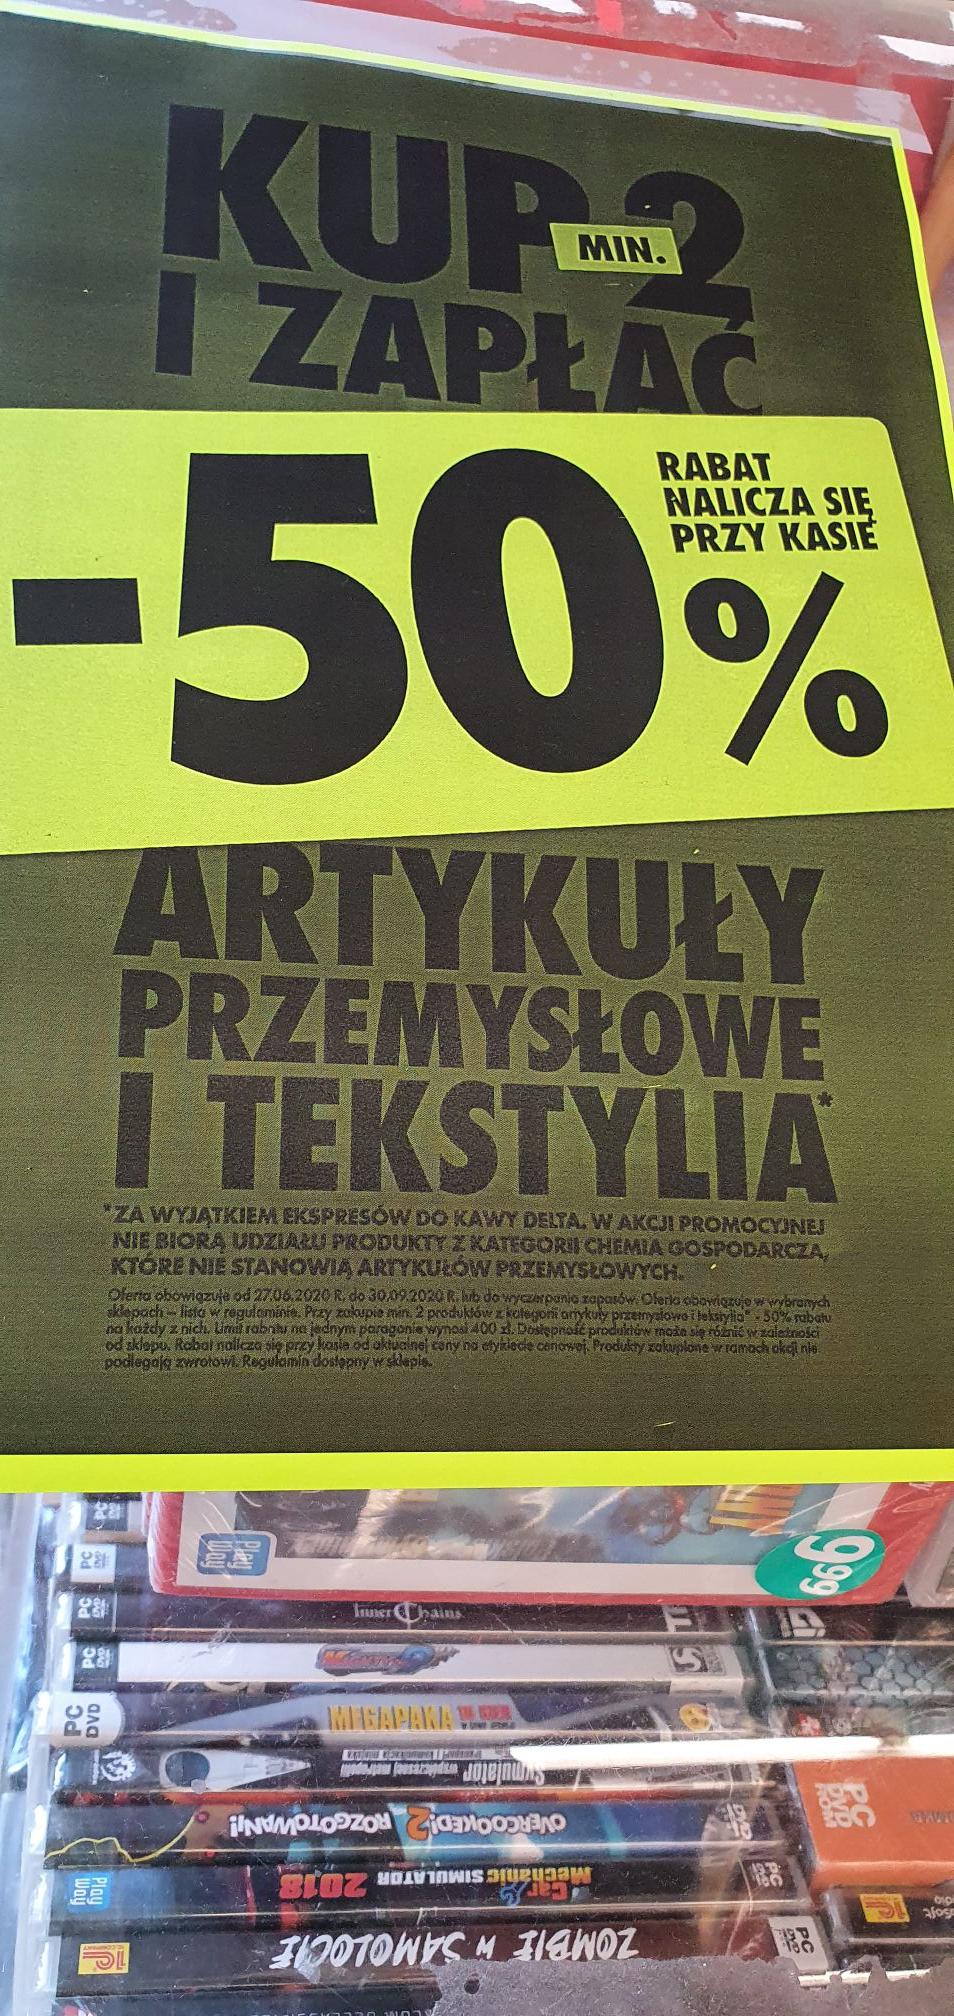 Biedronka TYLKO OUTLET Artykuły tekstylne i przemysłowe kup min 2 i zapłać 50% taniej